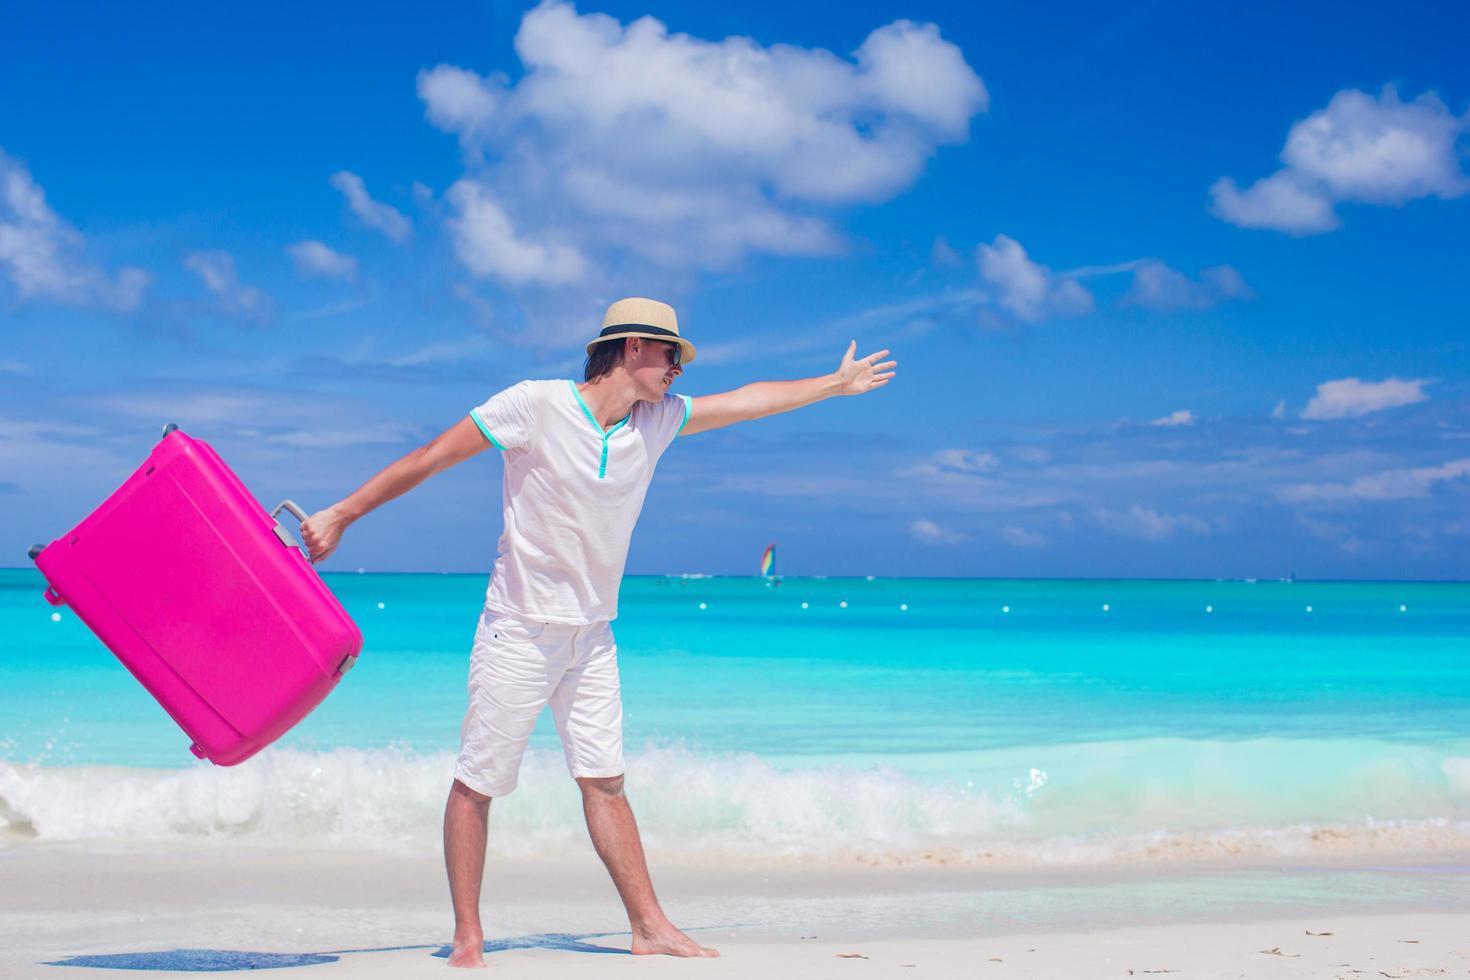 Mann, der mit einem Koffer auf einem Strand geht foto